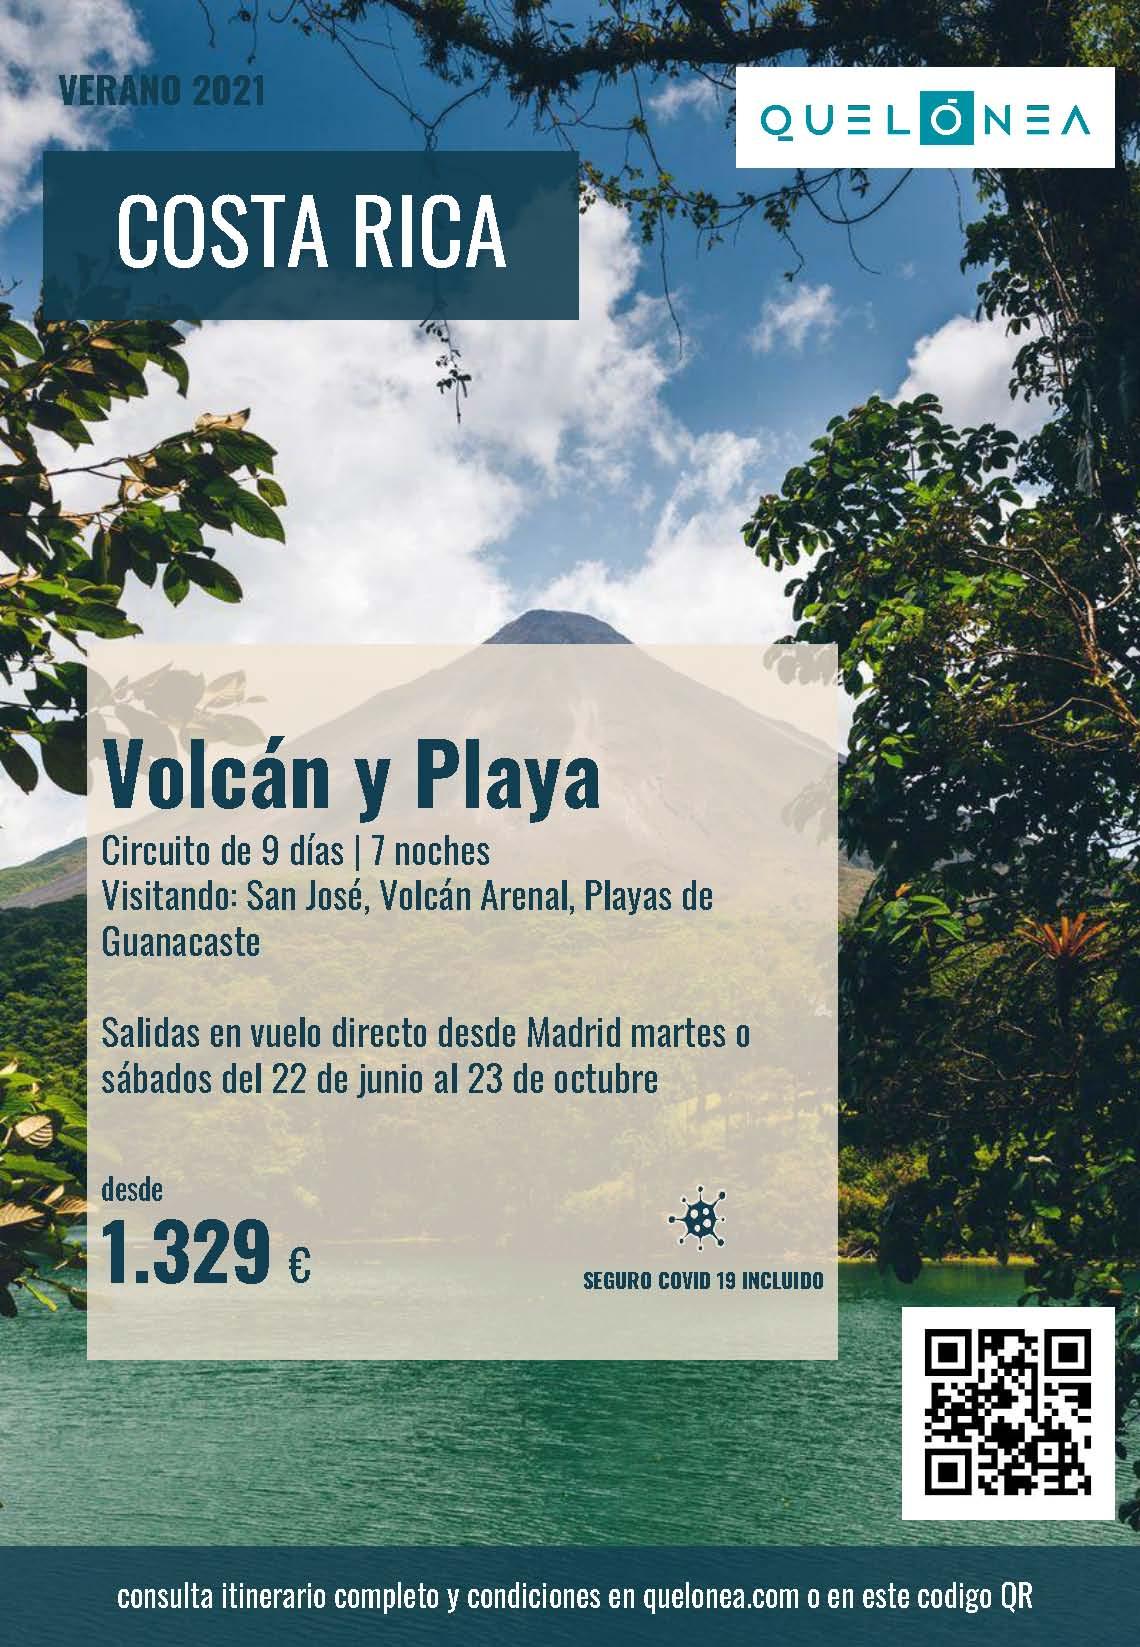 Ofertas Quelonea Costa Rica Vocan y Playa Verano 2021 vuelo directo desde Madrid